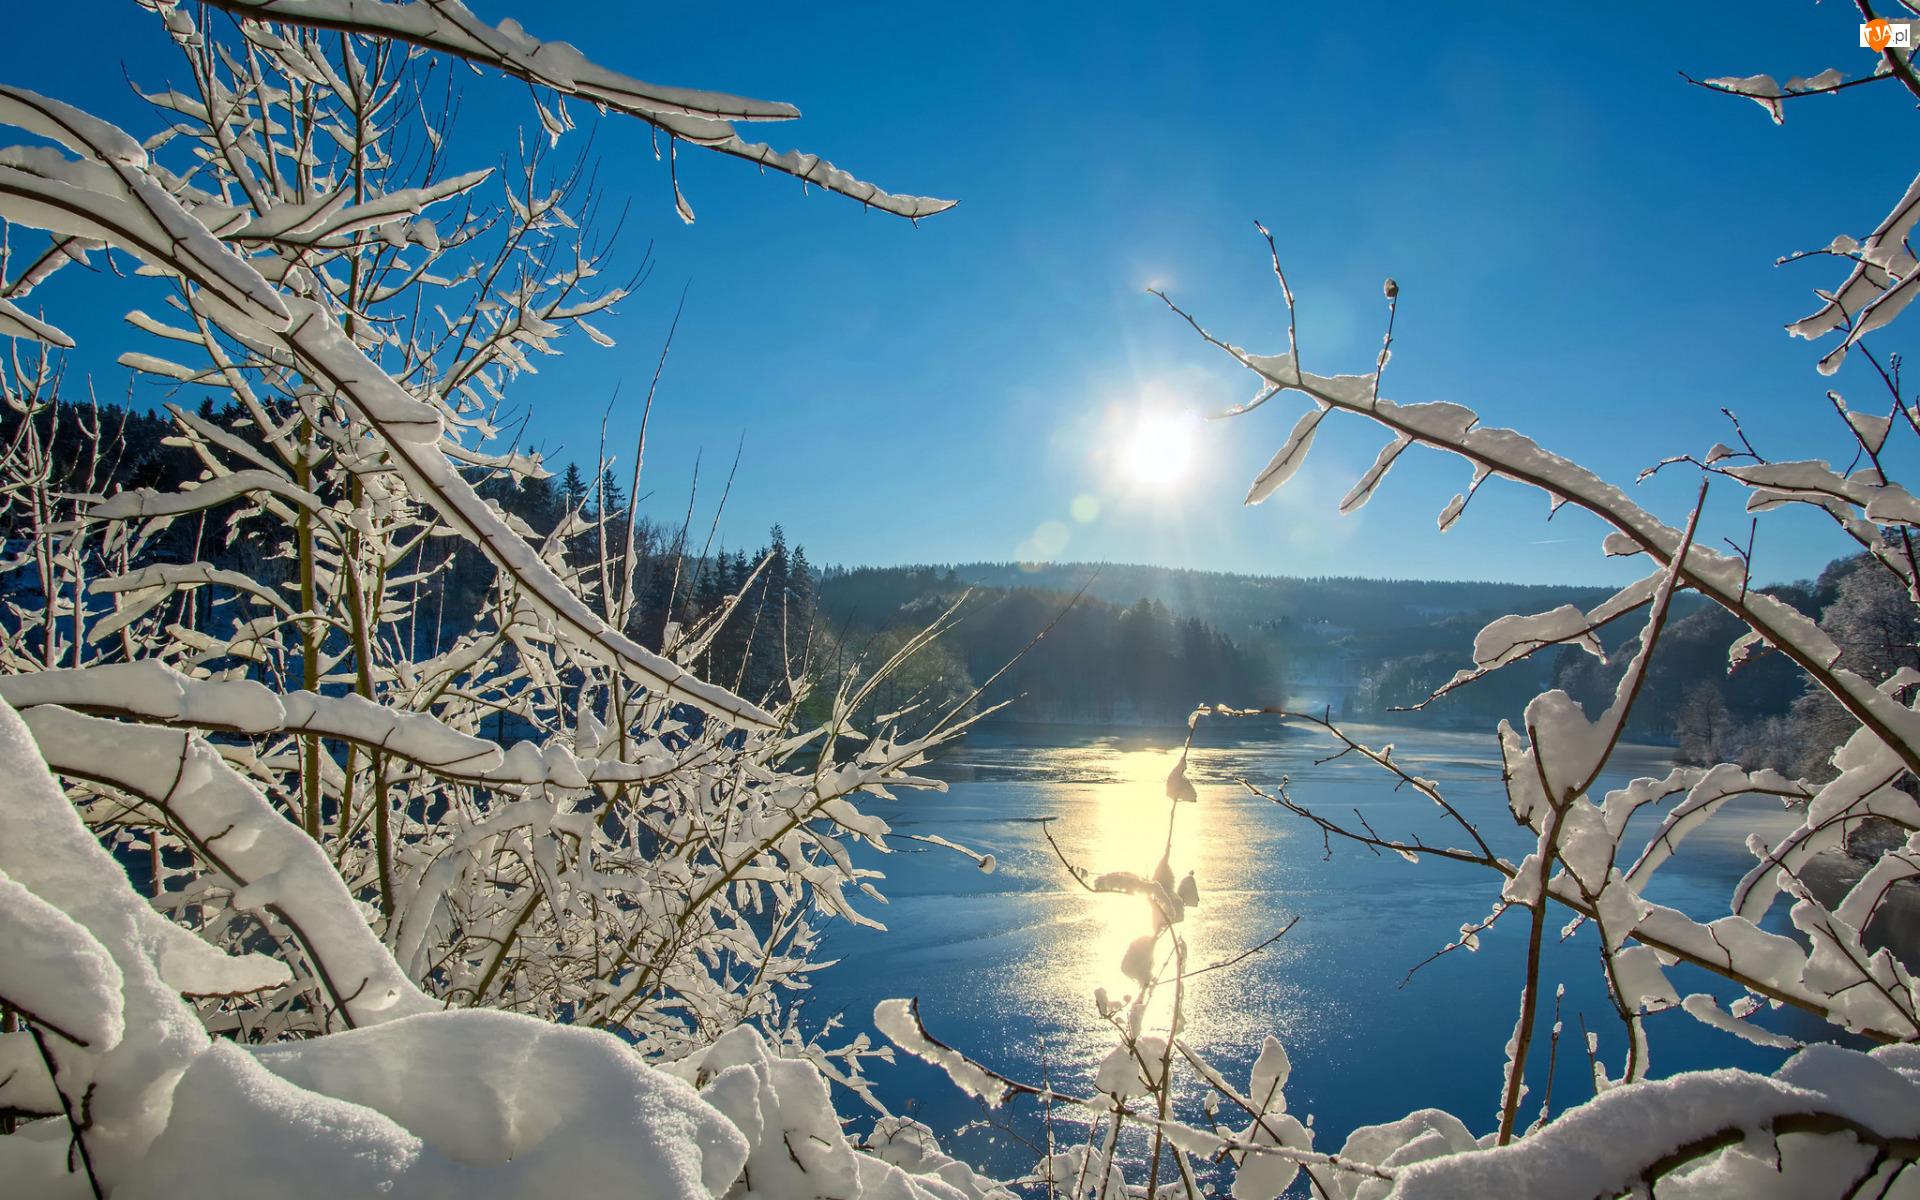 Lód, Zima, Gałęzie, Wschód słońca, Ośnieżone, Jezioro, Niebo, Drzewa